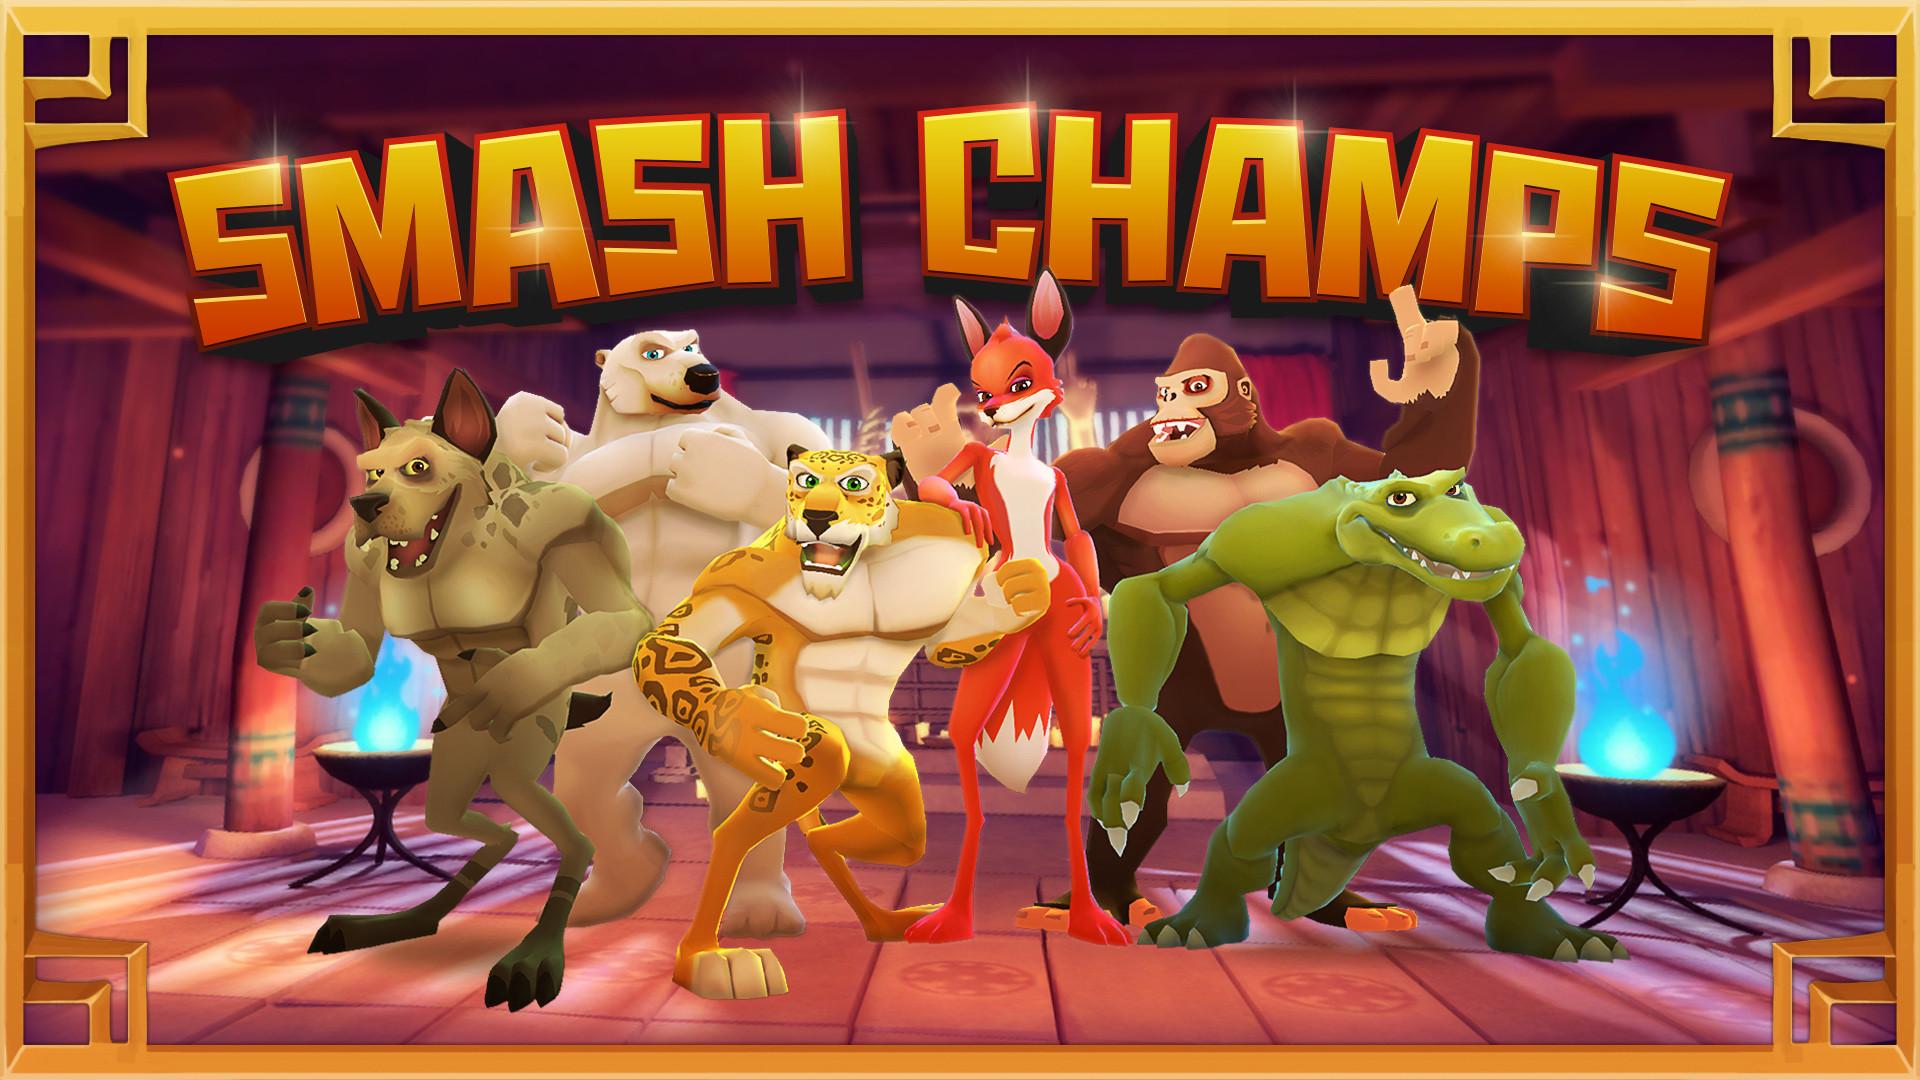 Smash-Champs-Game-1